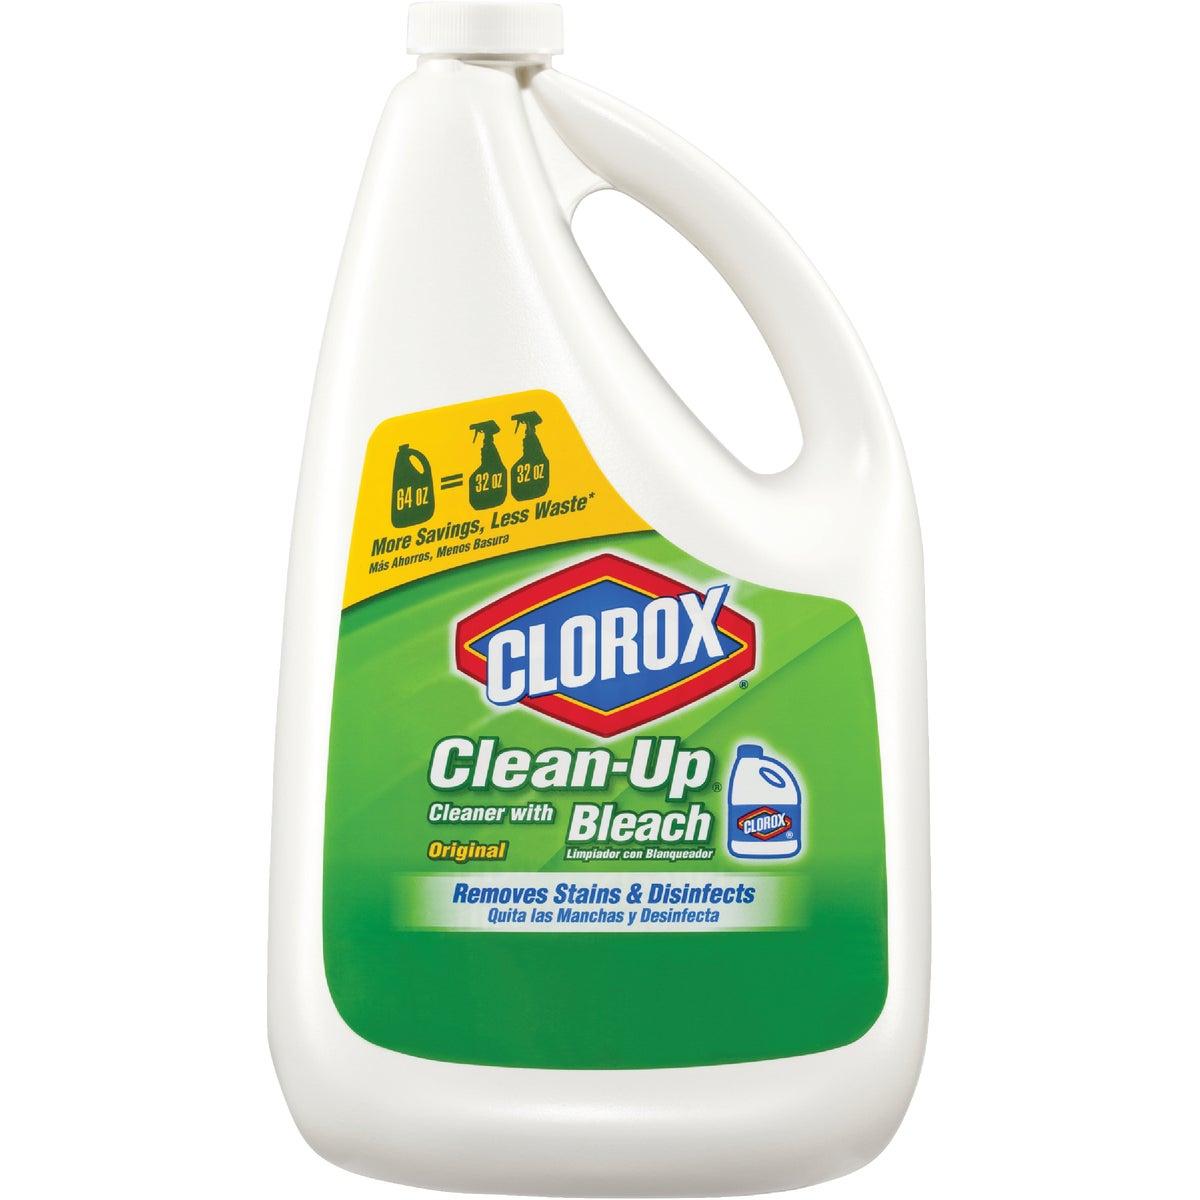 REFILL CLOROX CLEANUP